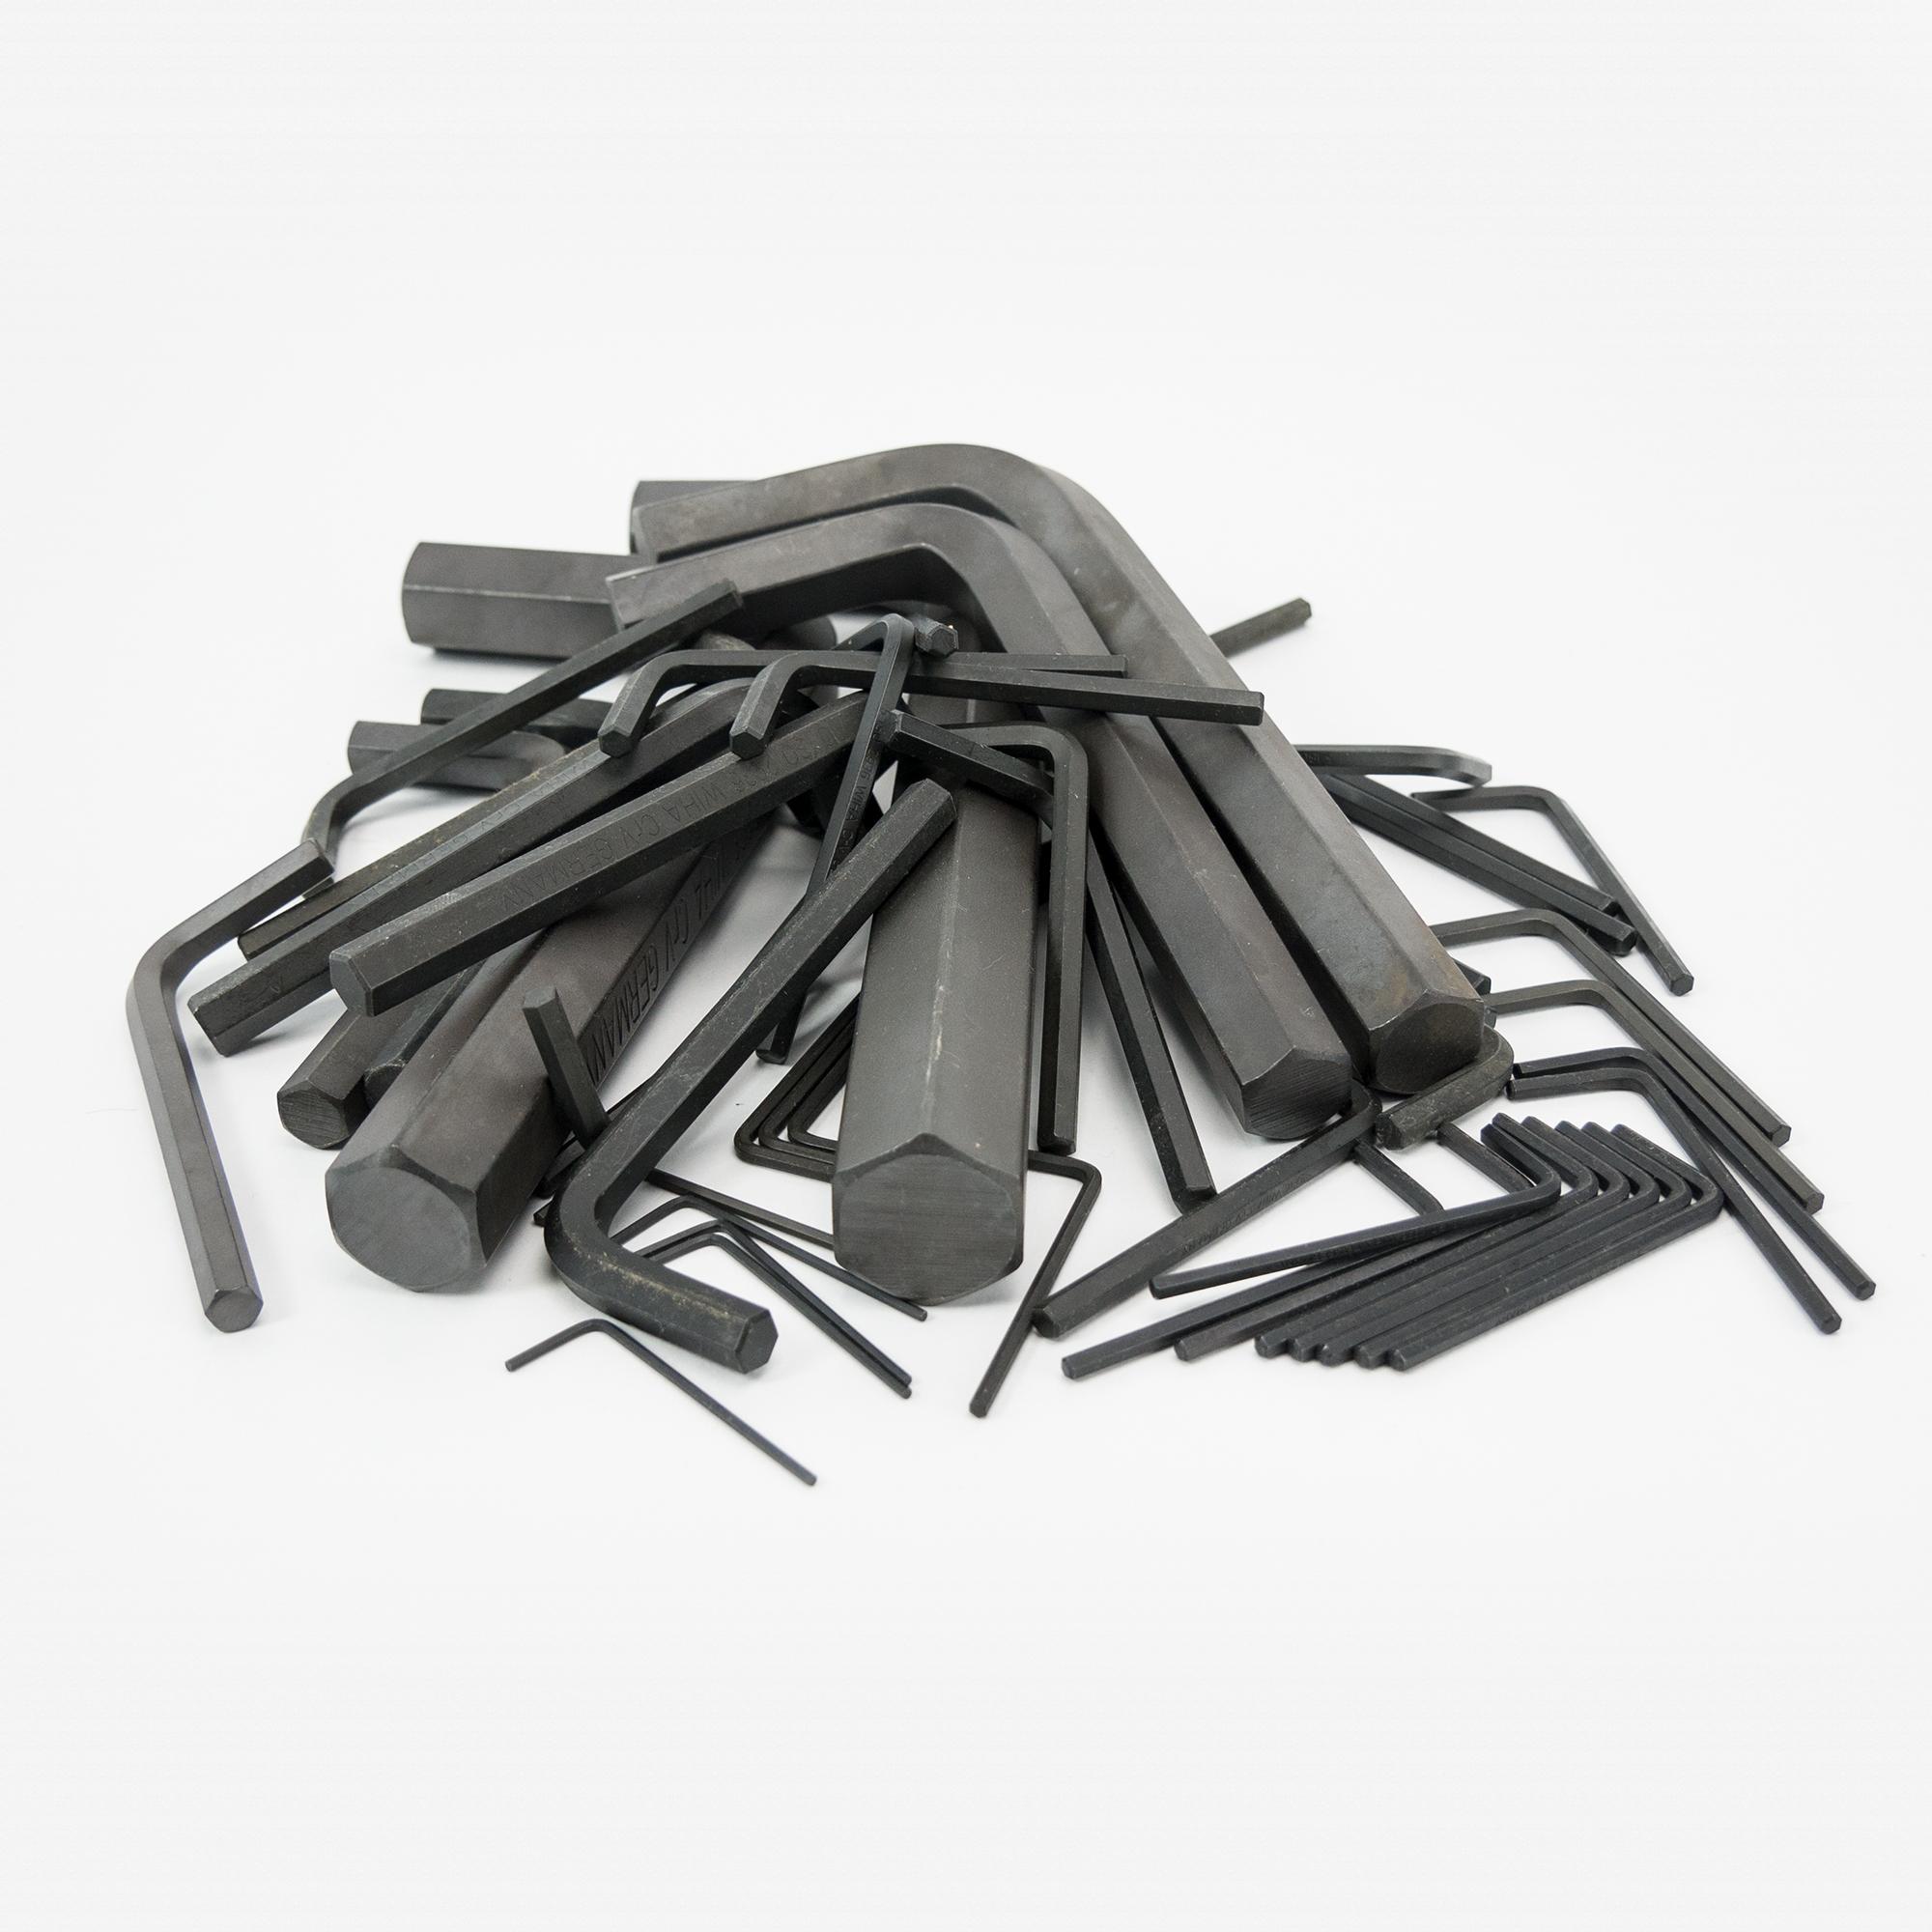 KC Tool Clearance Metric/SAE L-key Set, 47 Pieces - KC Tool